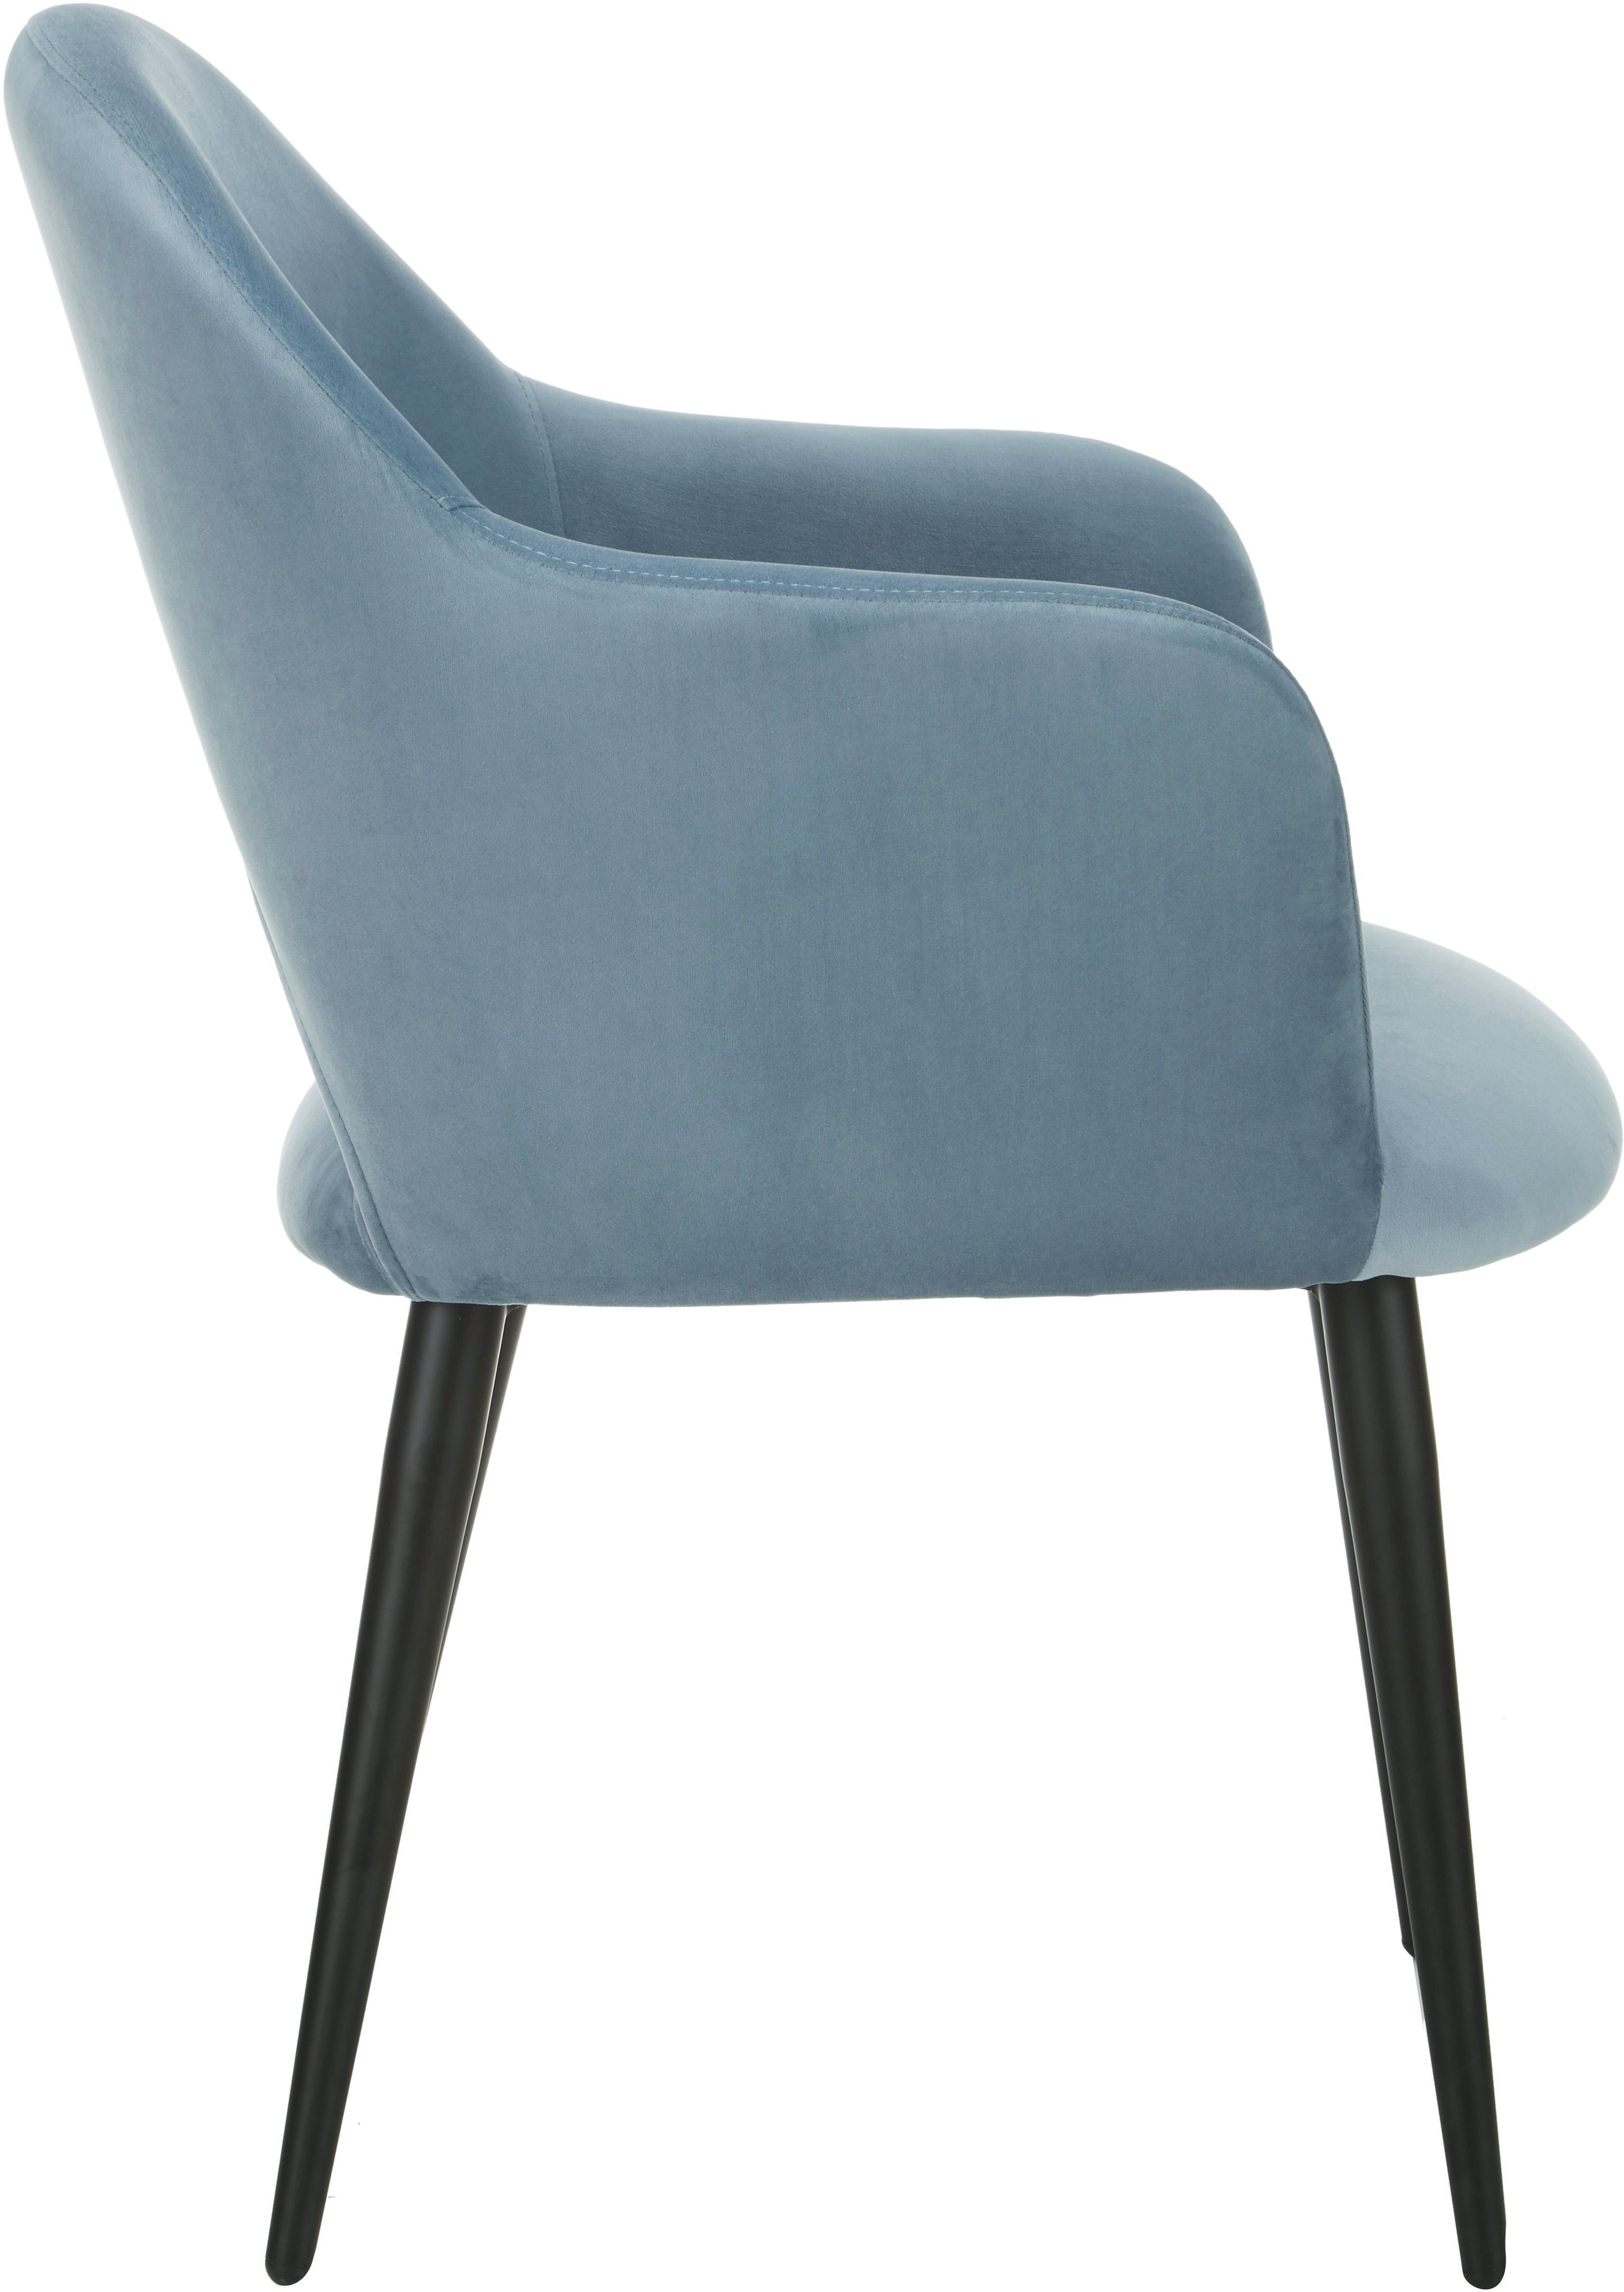 Sedia con braccioli in velluto Rachel, Rivestimento: velluto (poliestere) Con , Gambe: metallo verniciato a polv, Velluto azzurro, Larg. 47 x Prof. 64 cm